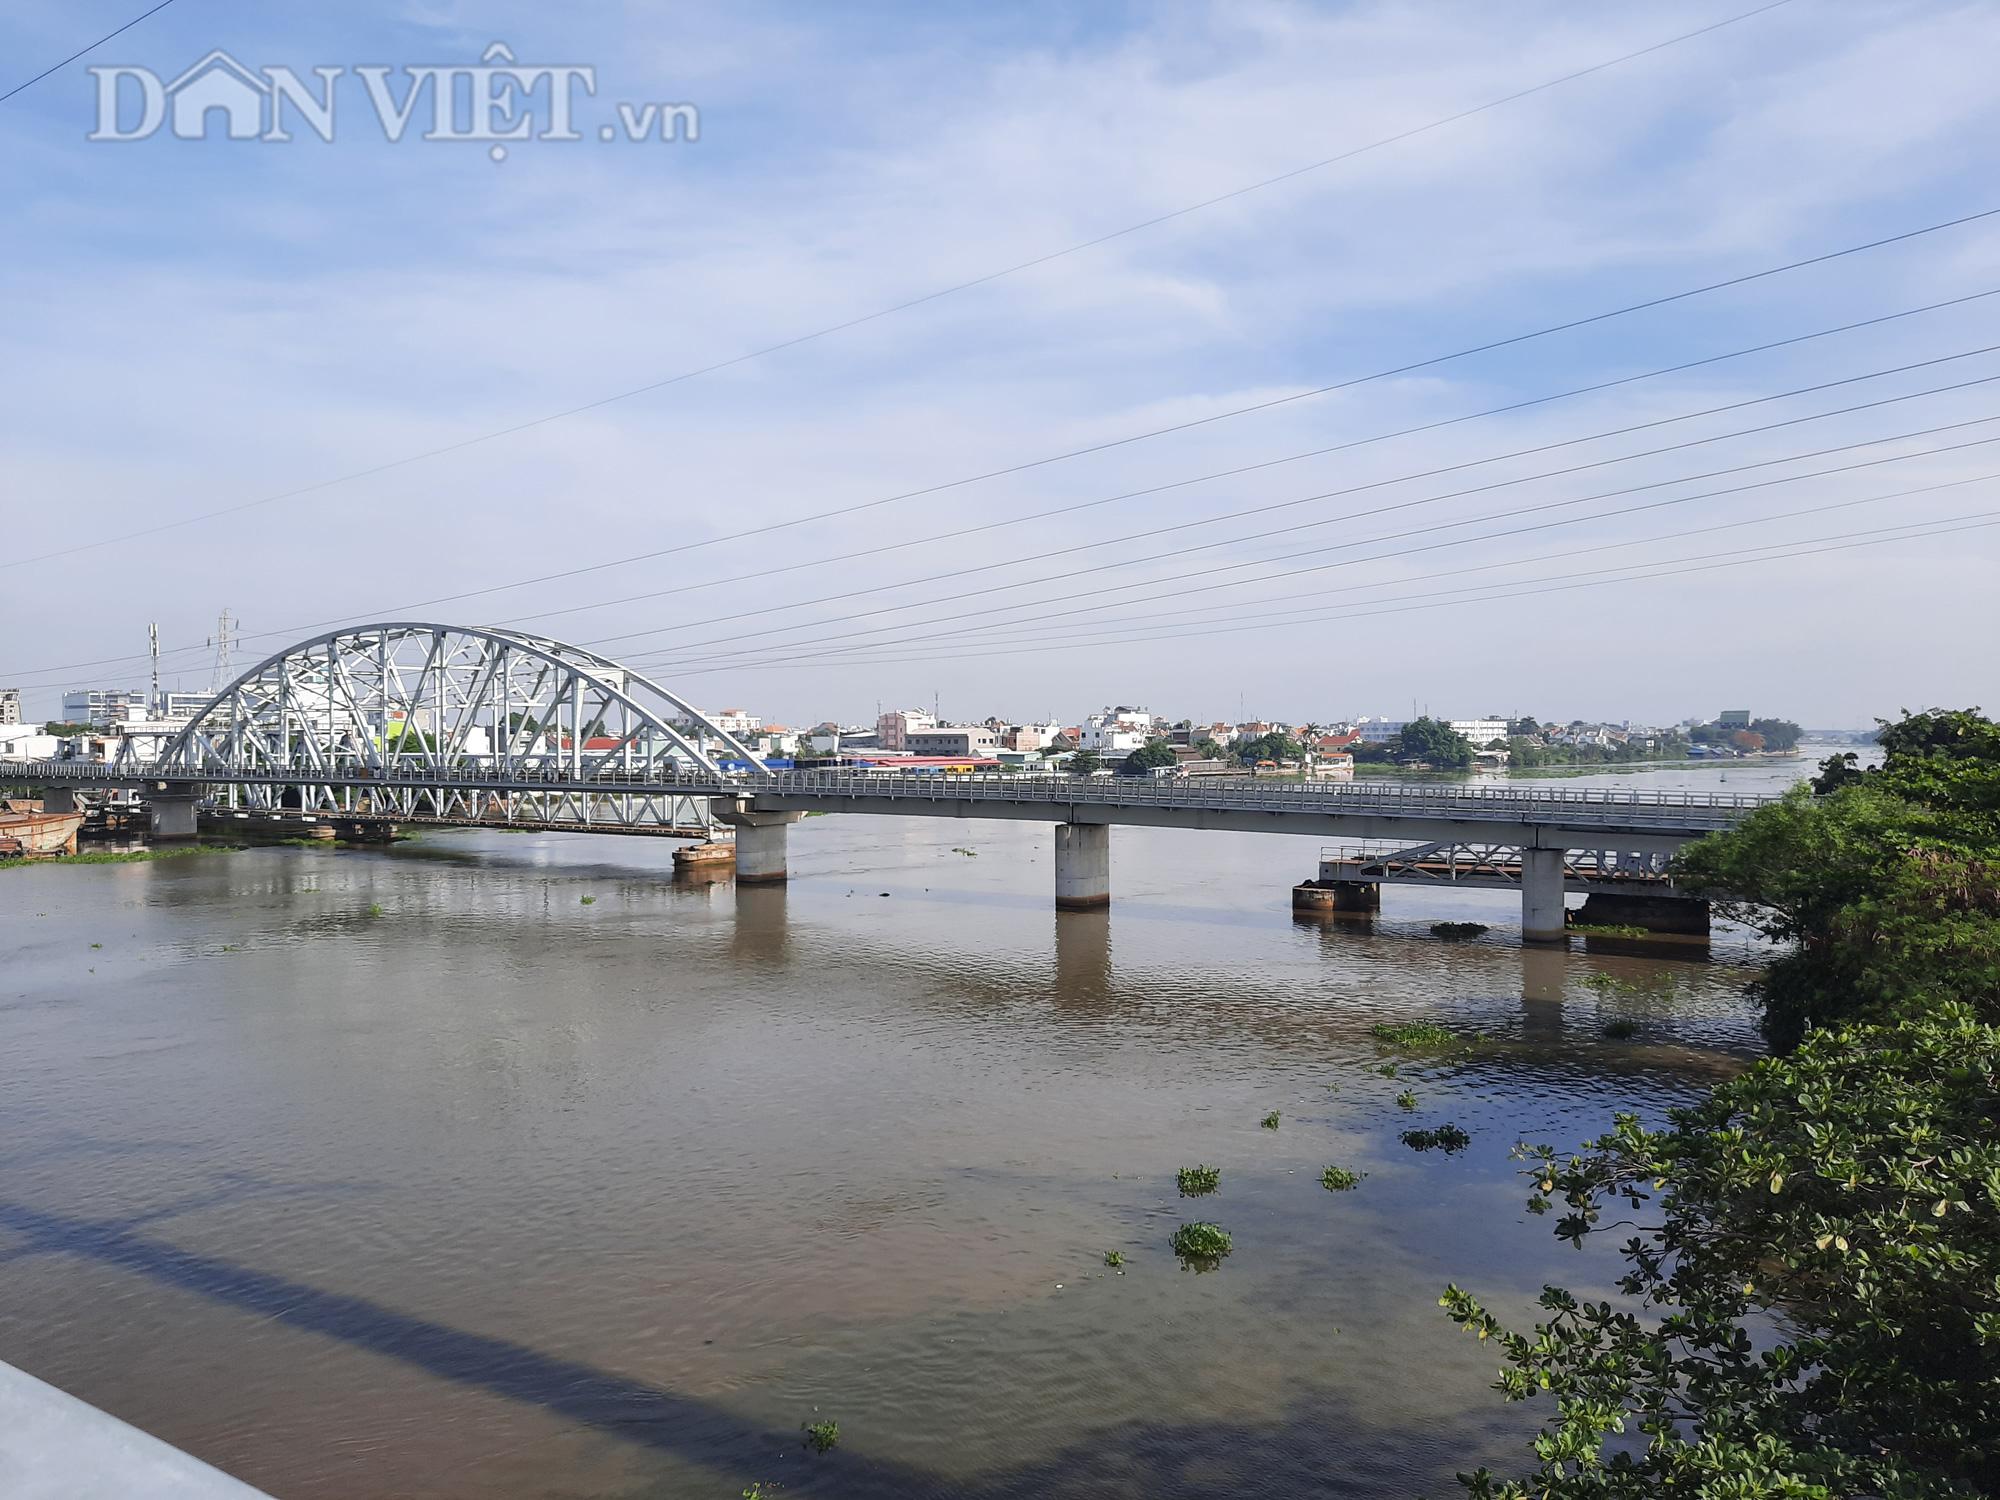 Hết ùn tắc giao thông đường thủy tại cầu sắt Bình Lợi - Ảnh 4.